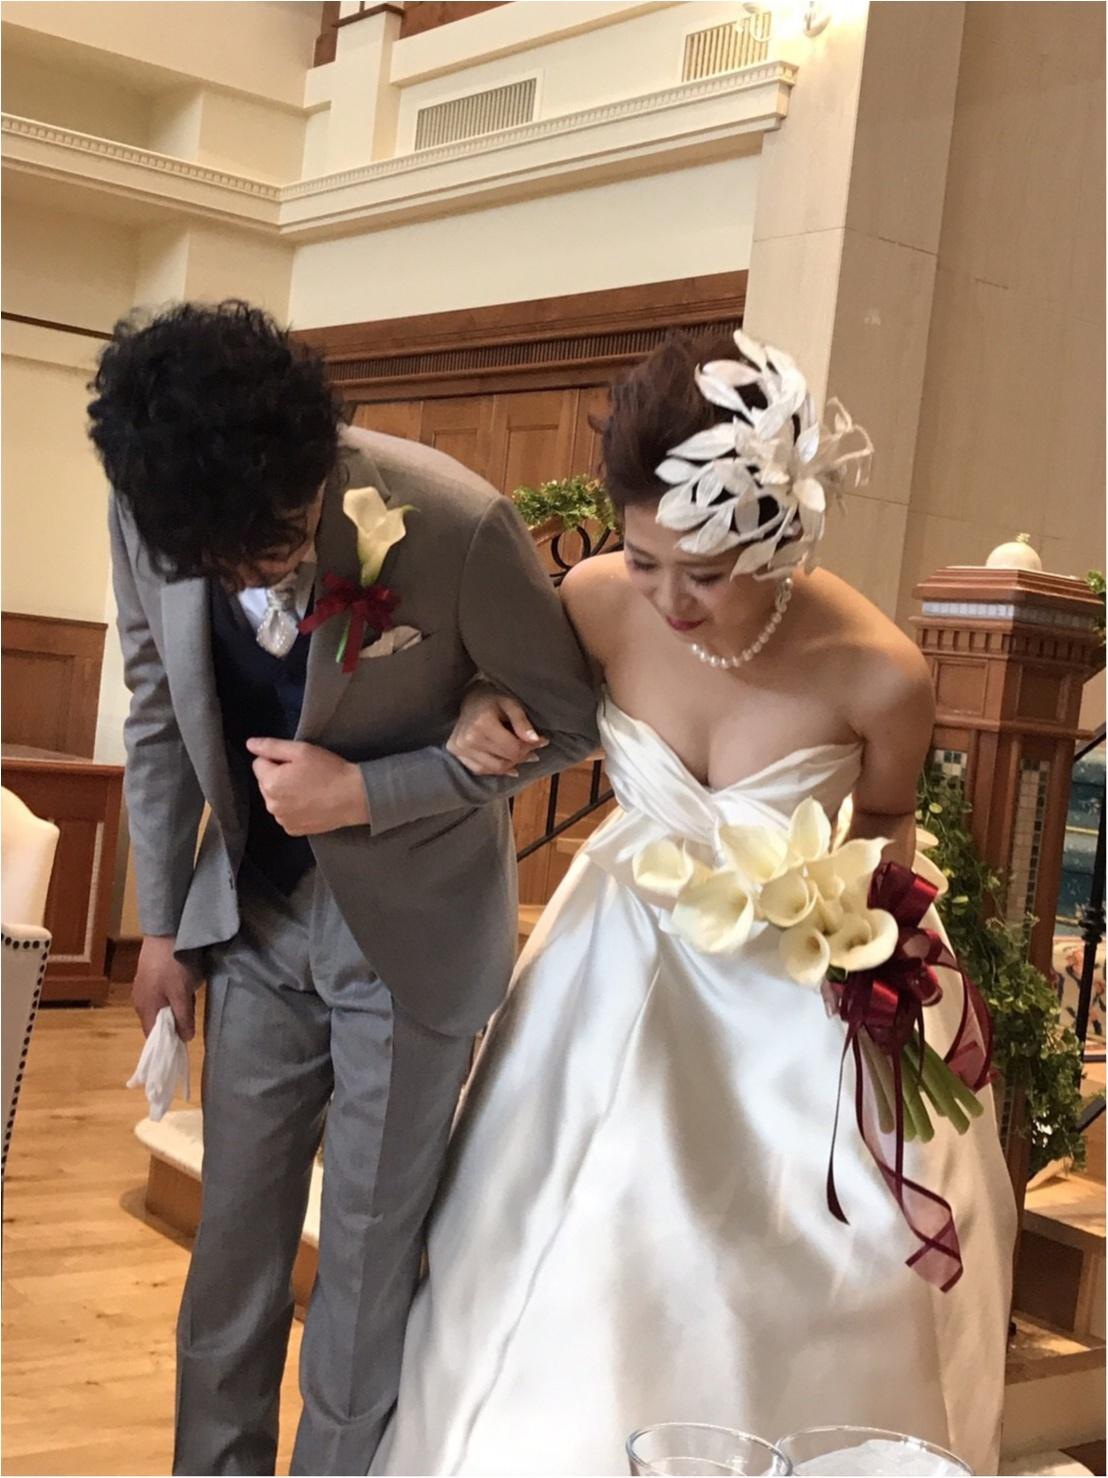 【ゆい婚】大好きなみんなに囲まれて過ごした最高の結婚式♡~今年の思い出を振り返り~_4